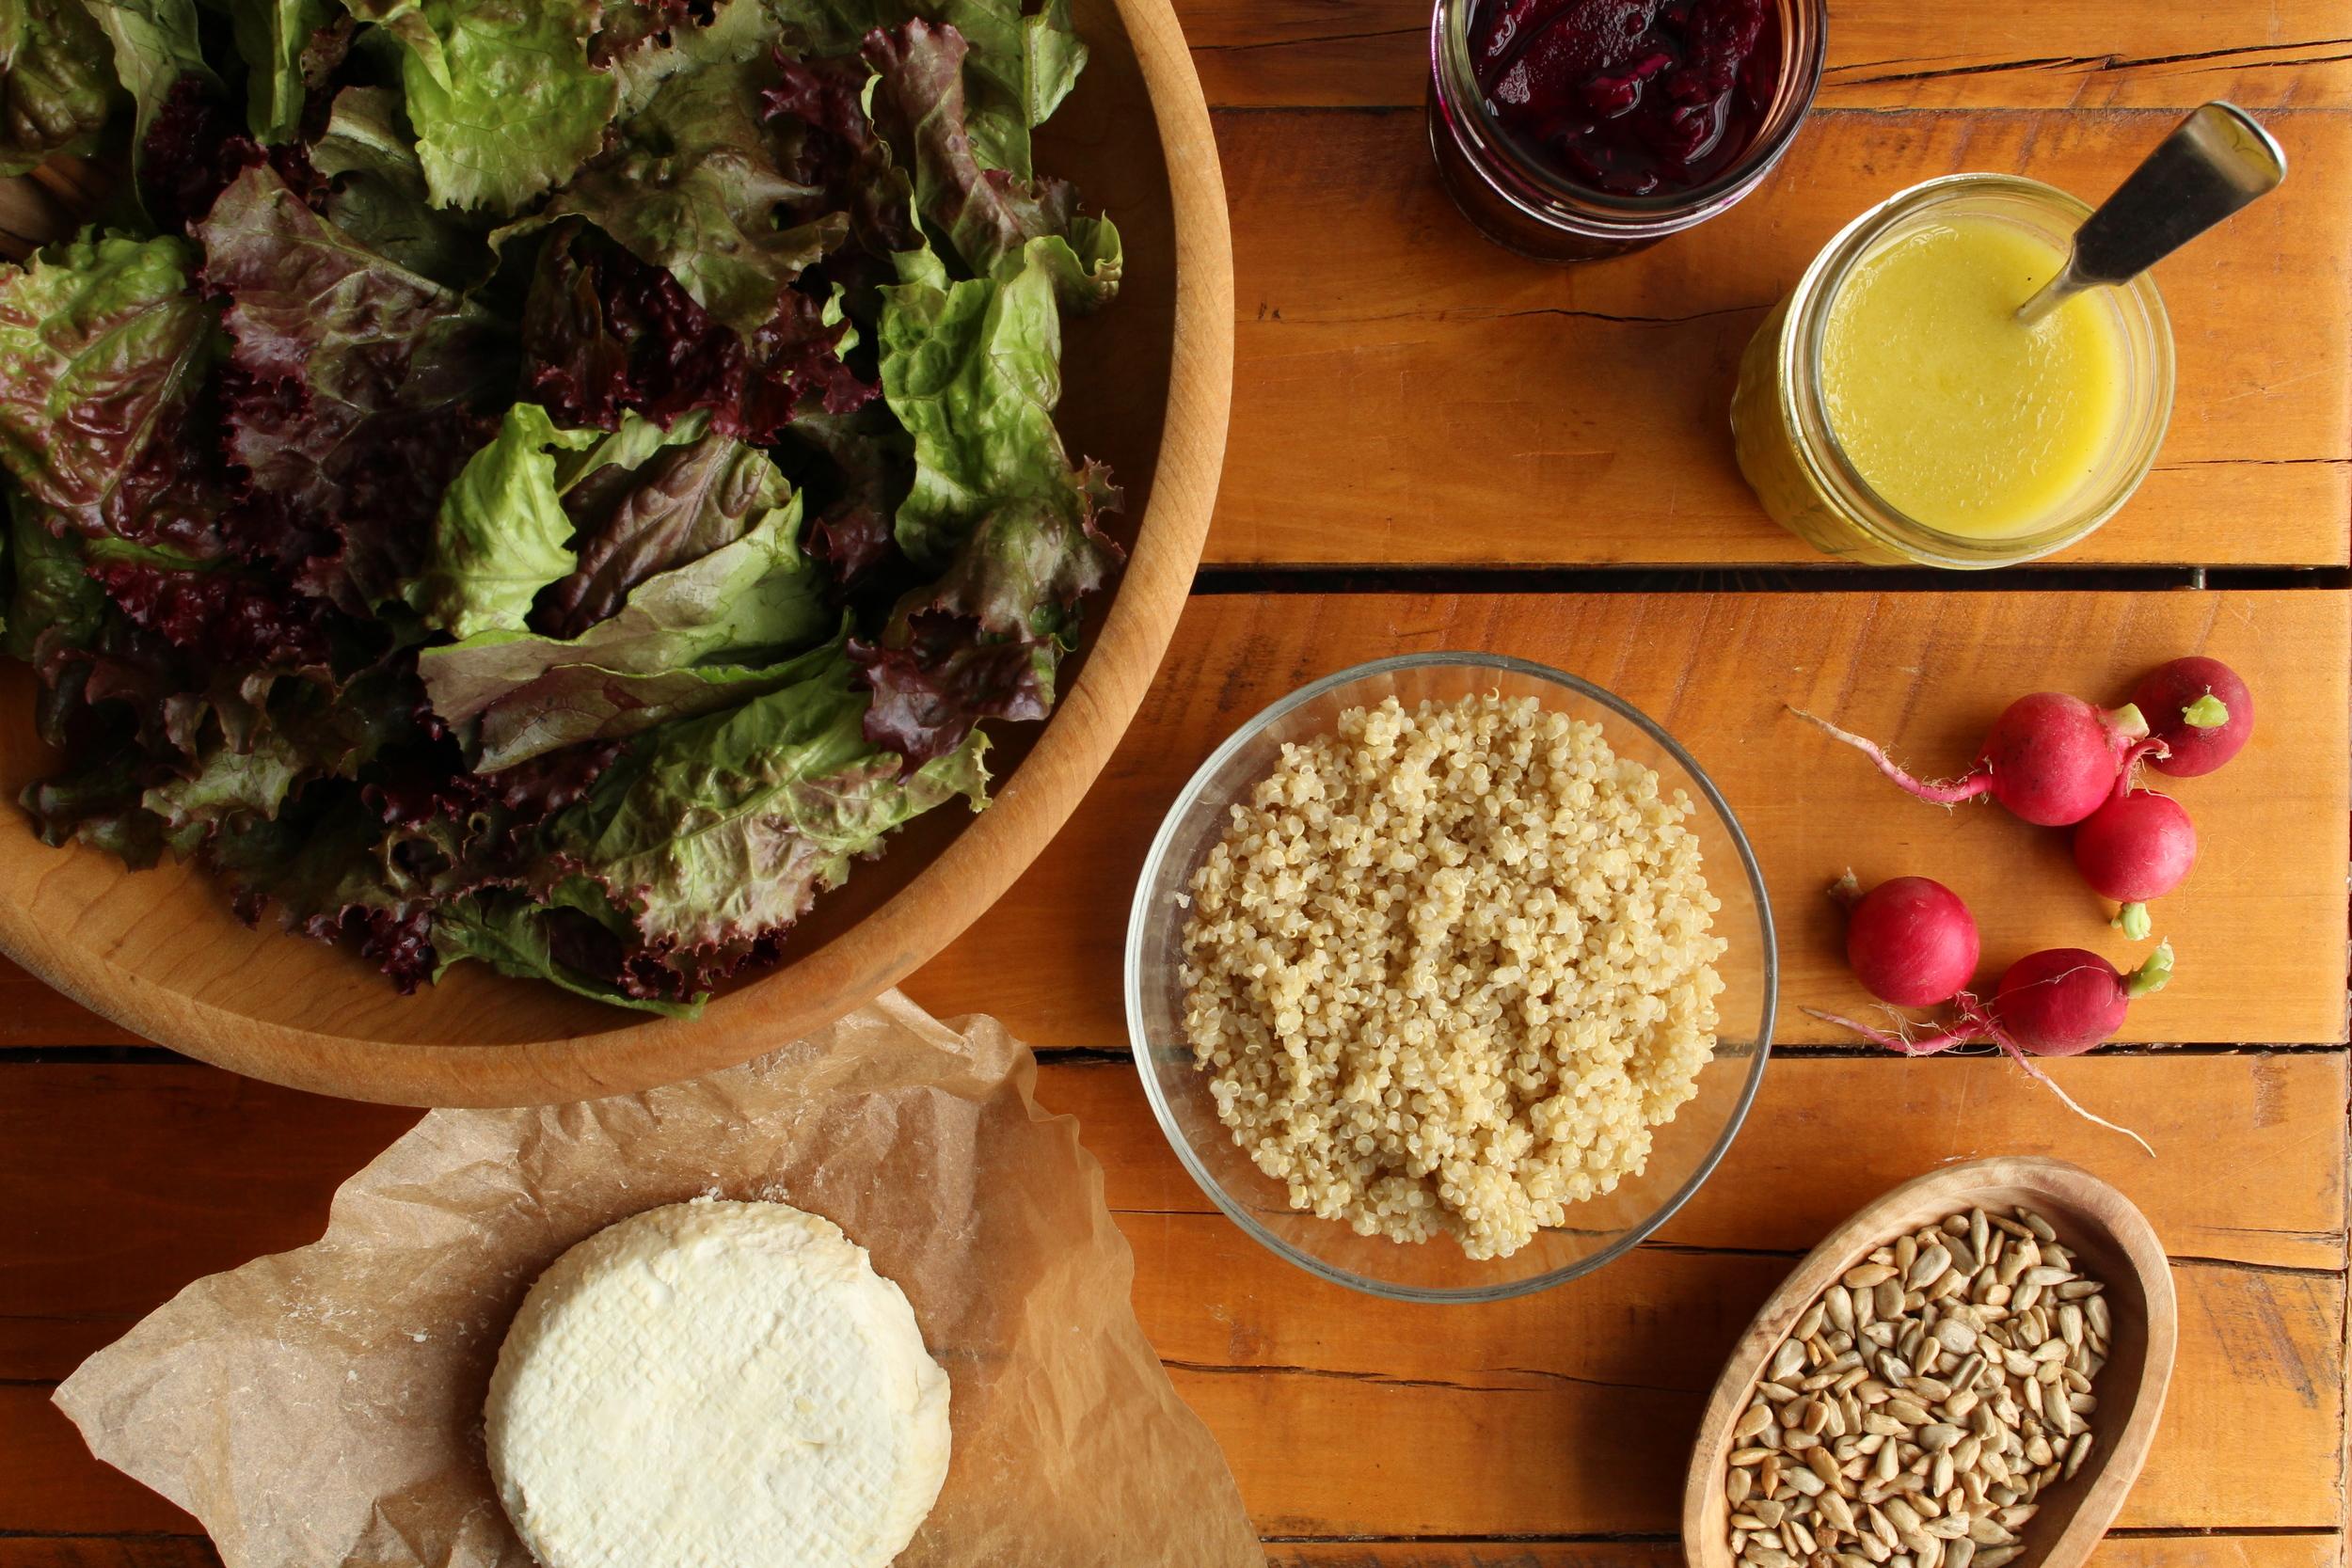 Salad setup